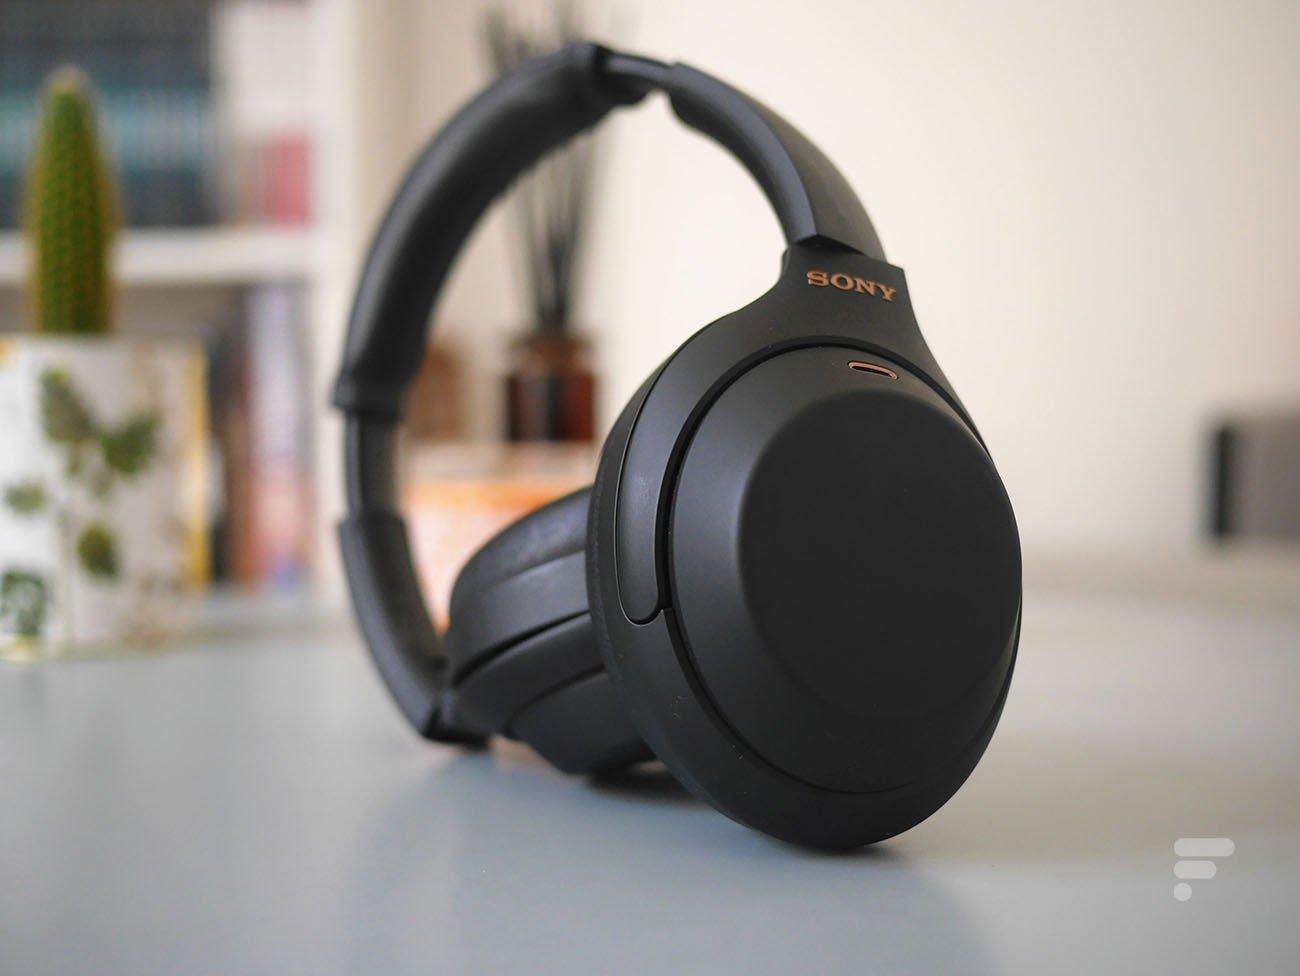 Test du Sony WH-1000XM4 : le meilleur casque Bluetooth met les (multi)points sur les i